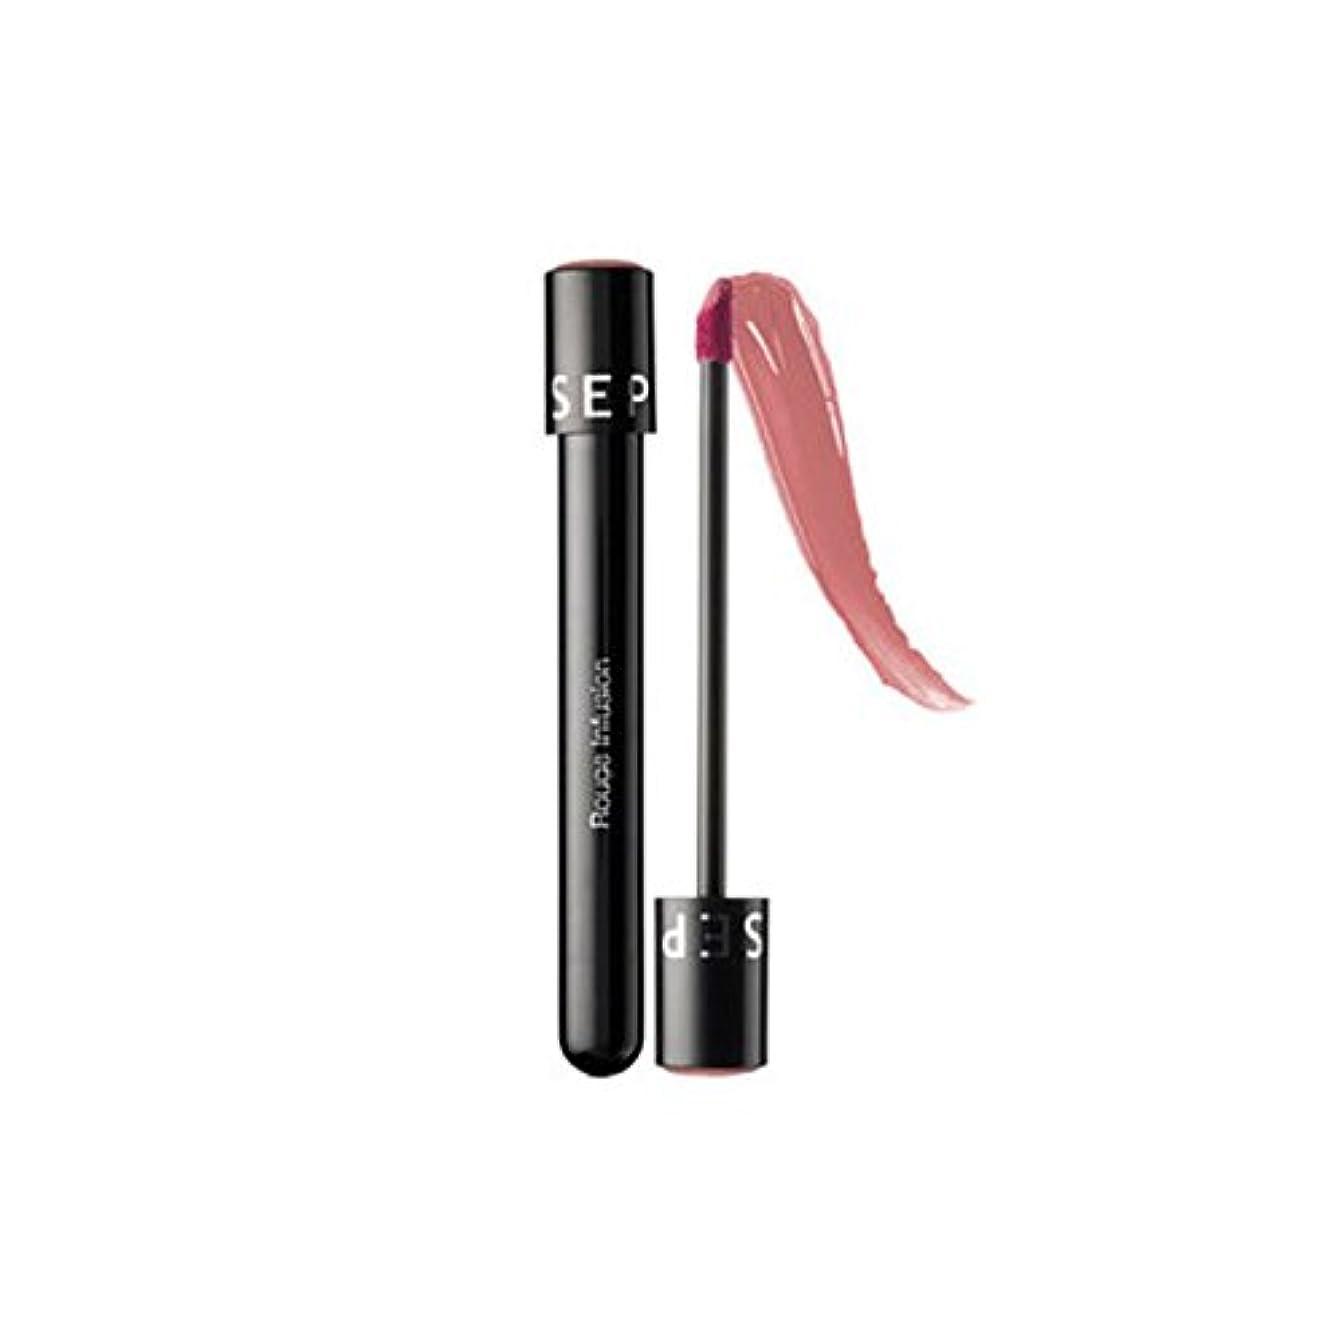 エジプト人優遇ルートSEPHORA COLLECTION ルージュリップステイン輸液- Rosebud, Rouge Infusion Lip Stain, 0.152 oz / 4.3g [並行輸入品] [海外直送品]